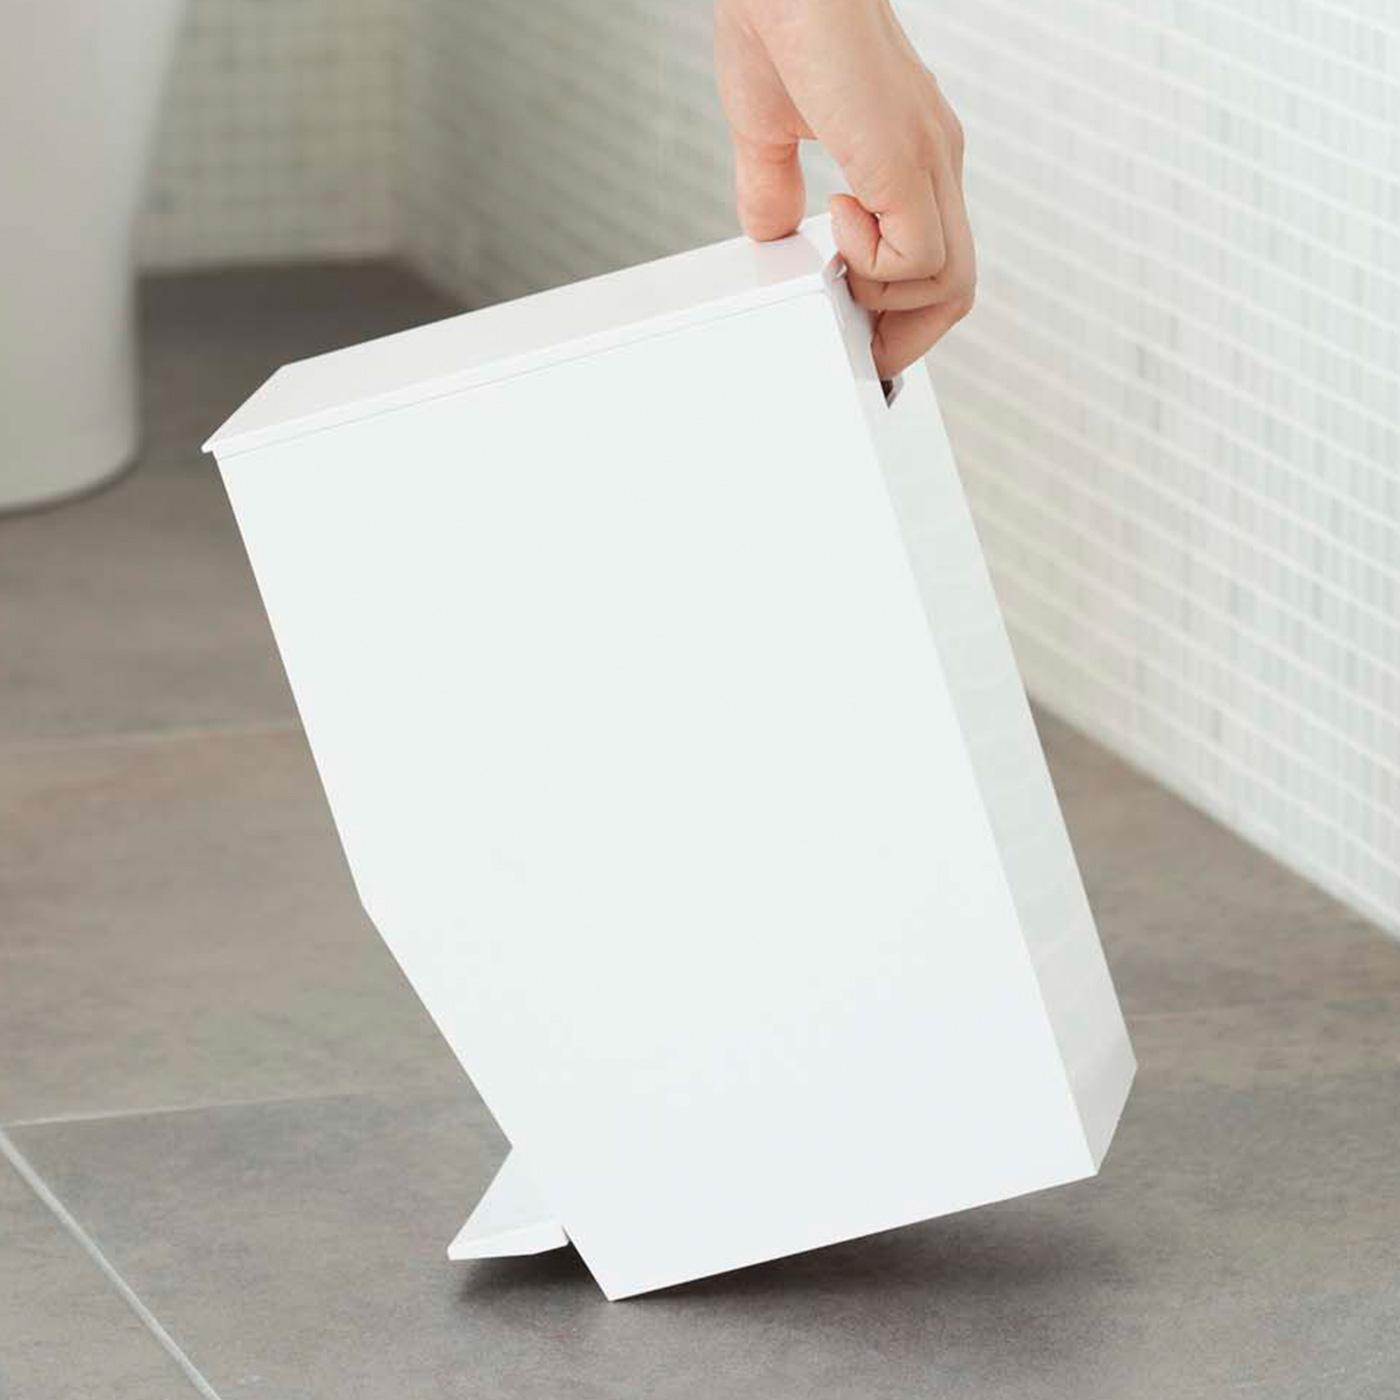 持ち運びに便利な持ち手付き。背中には持ち運びしやすいように手が入る穴があいています。